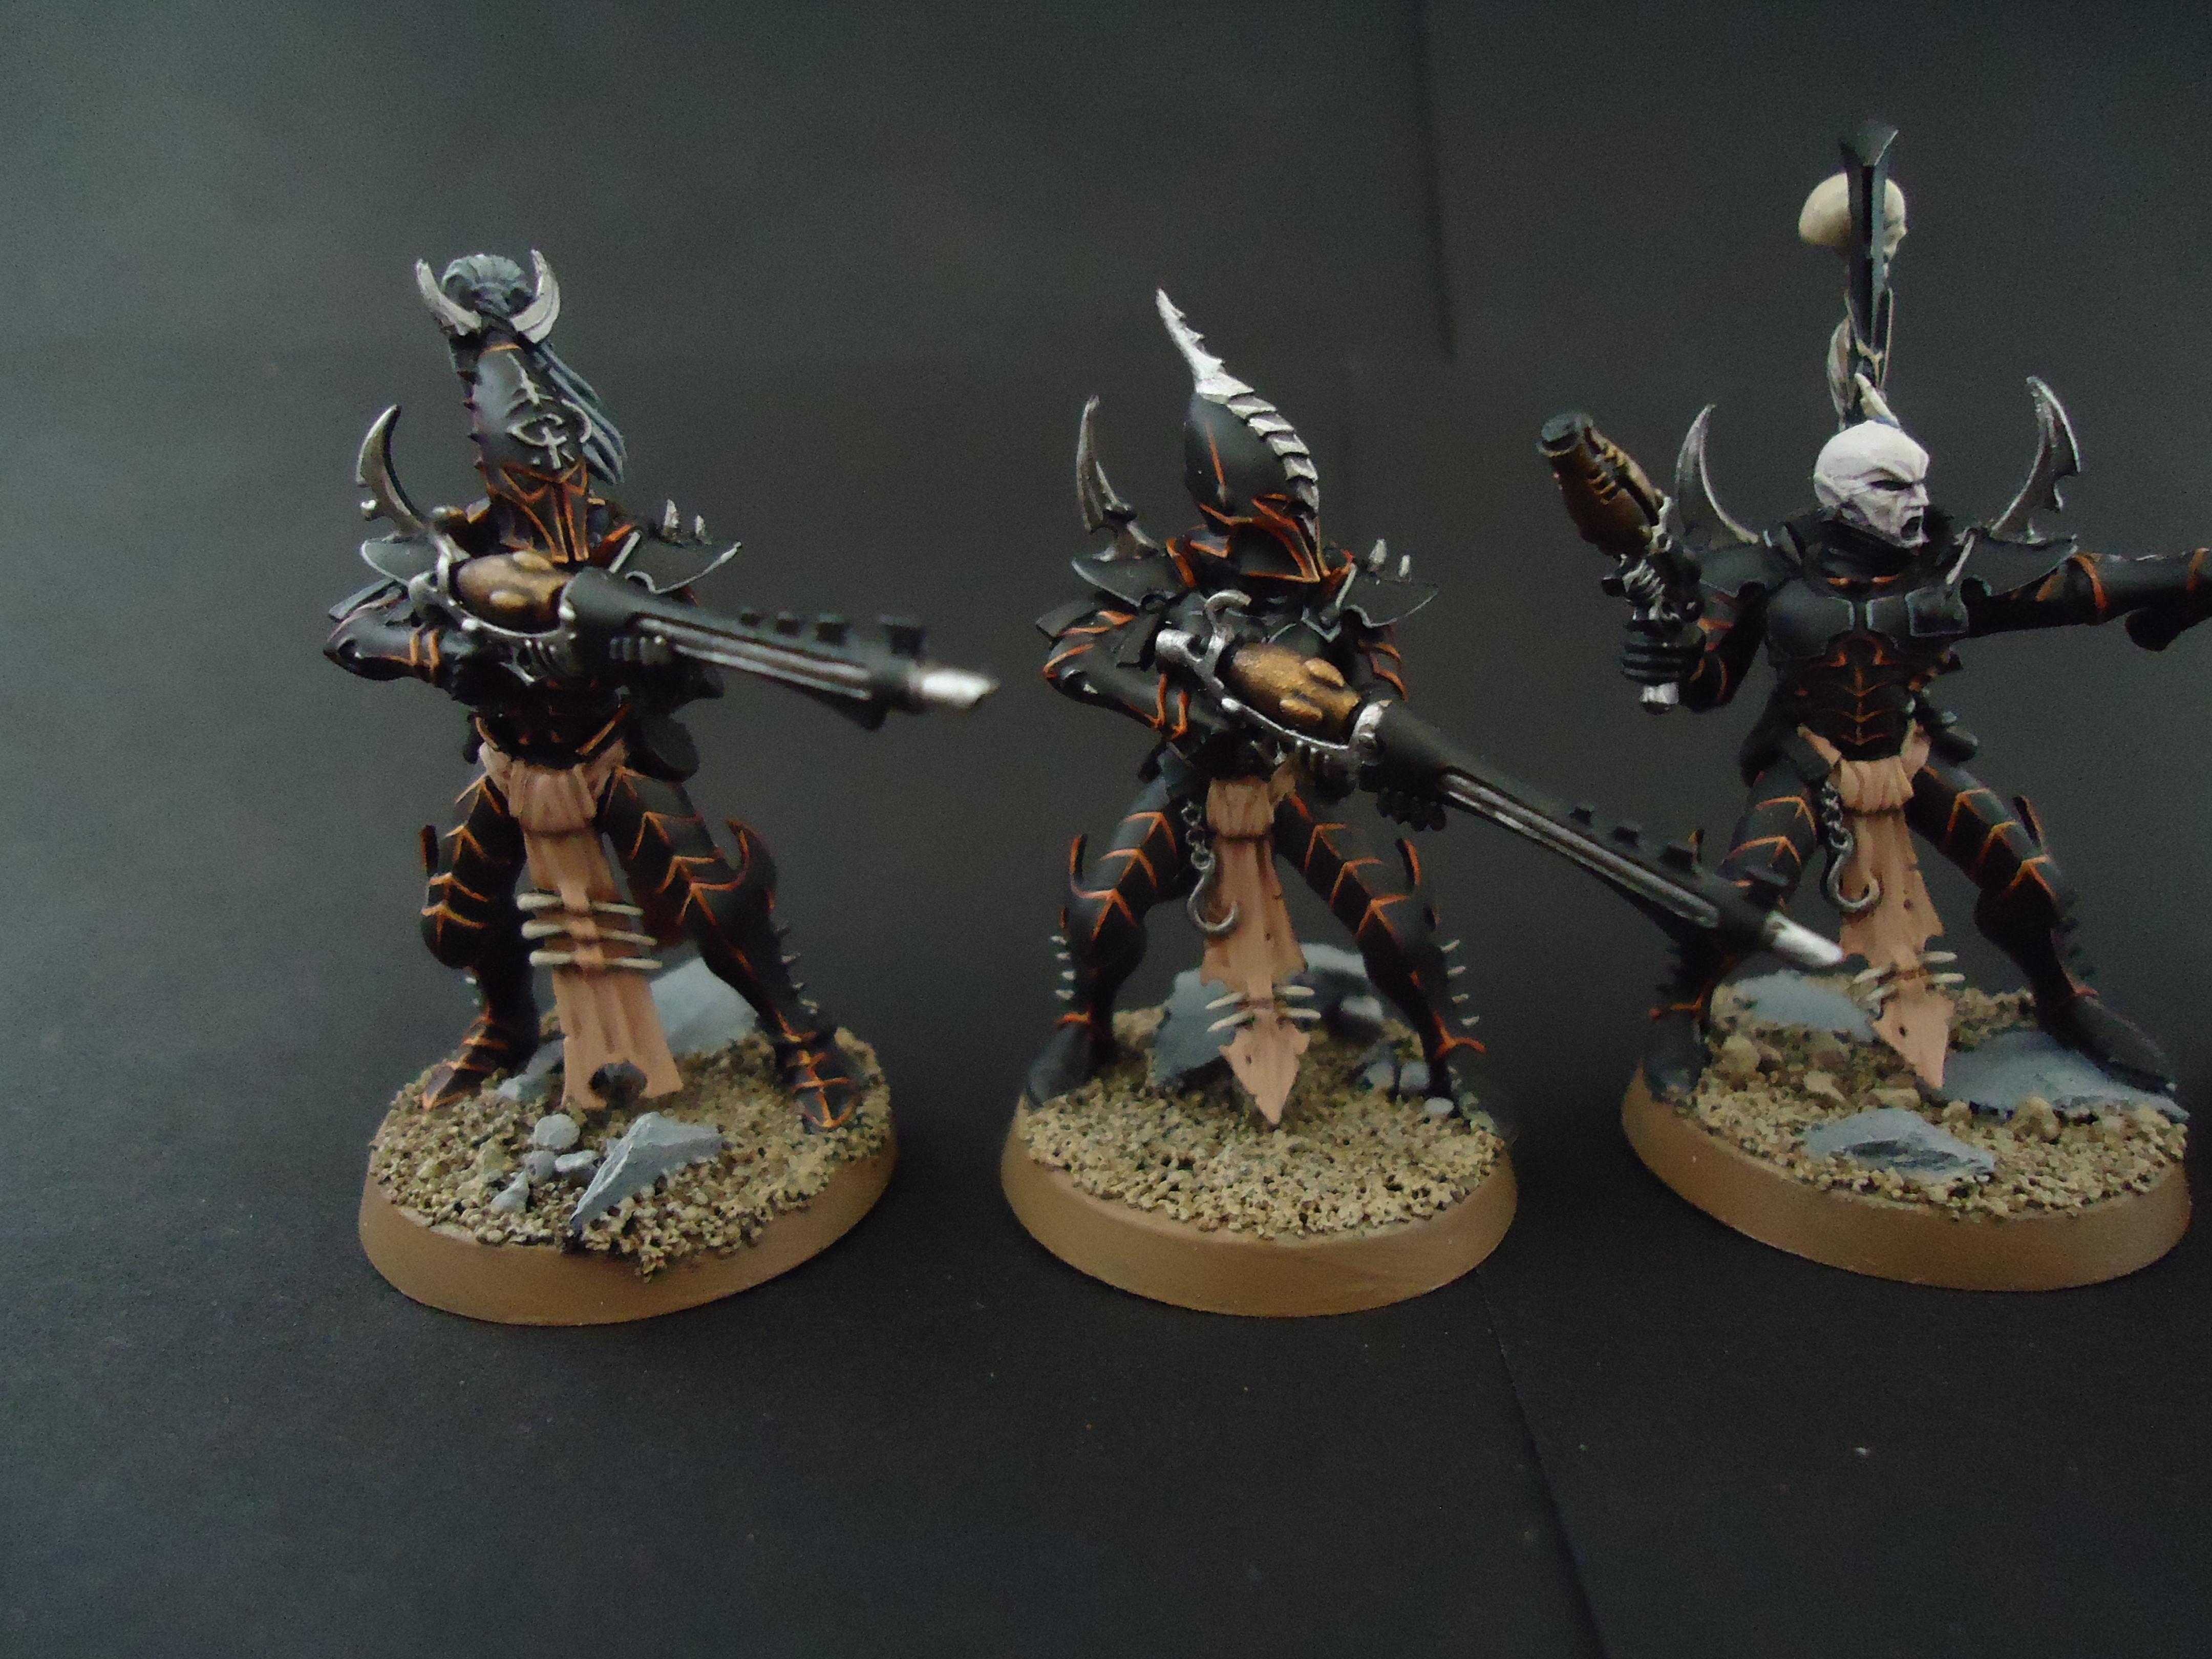 Dark Eldar, Drukhai, Kabal, Kalabite Warriors, Warriors